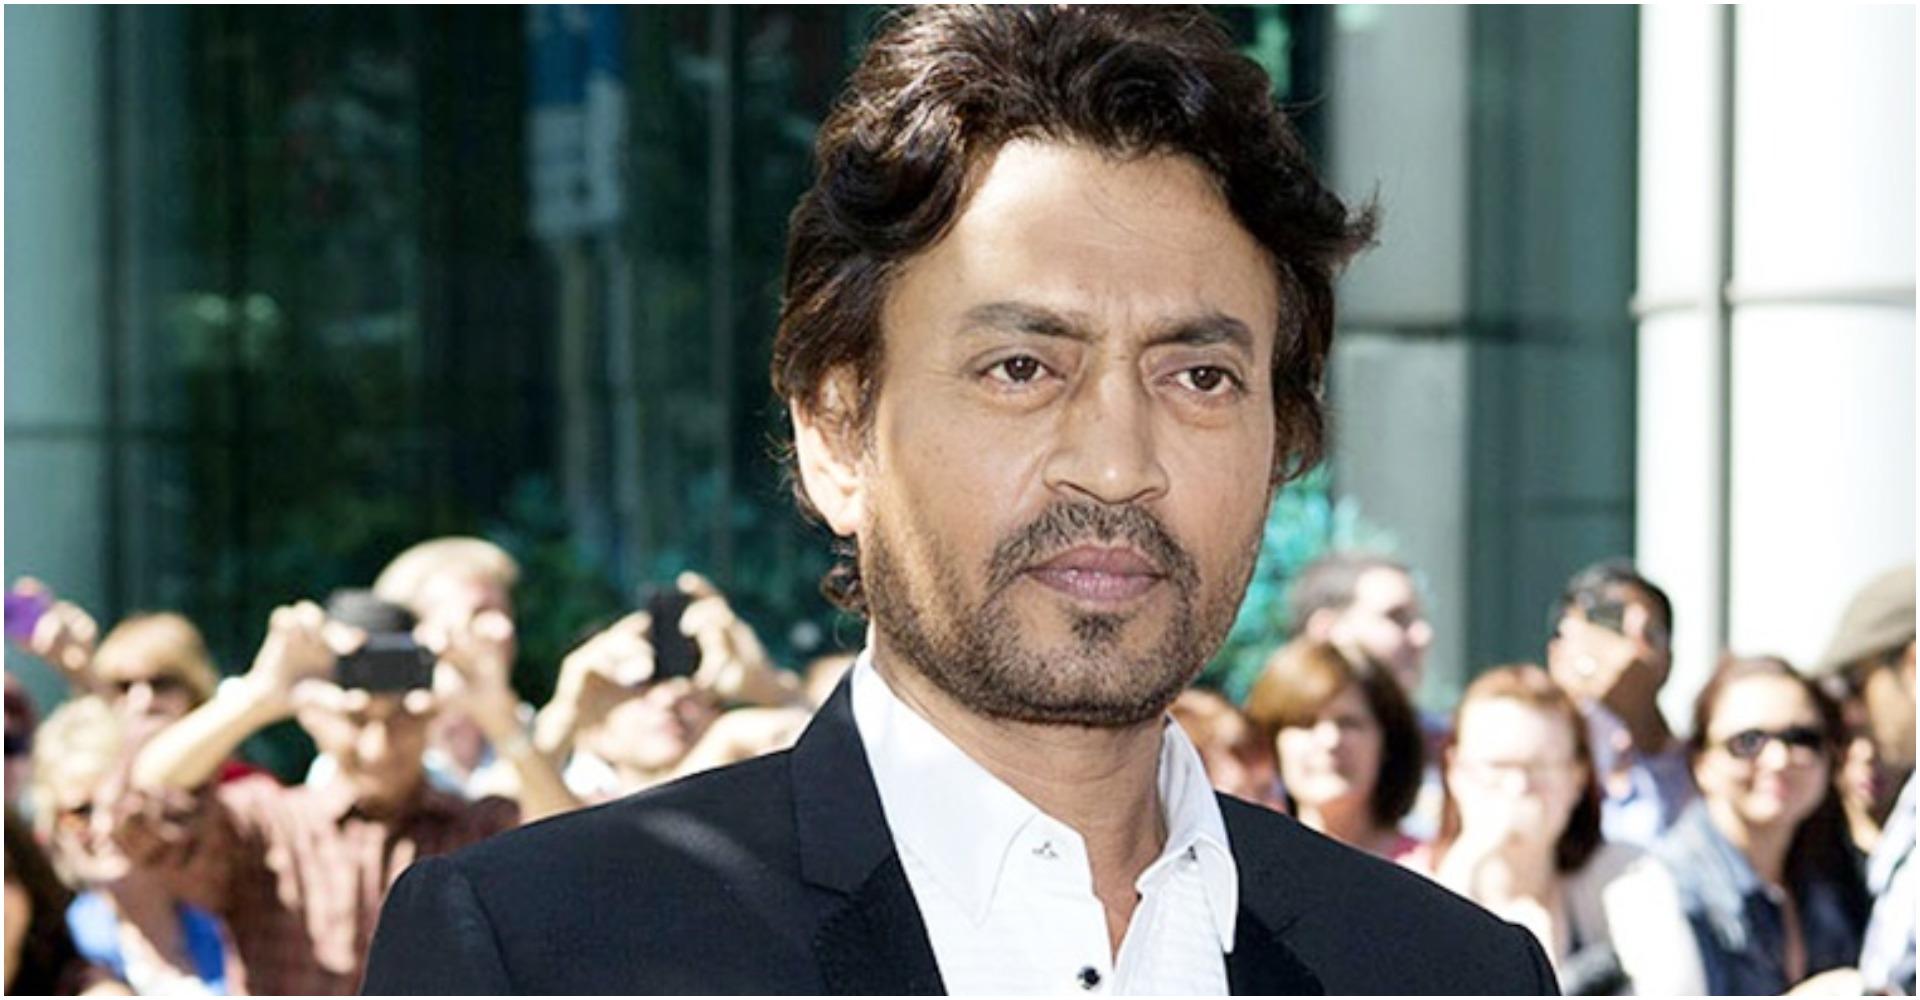 Irrfan Khan: इरफान खान के निधन से खेल जगत में आया शोक का लहर, सचिन, कोहली समेत कई खिलाड़ियों ने दी श्रद्धांजली